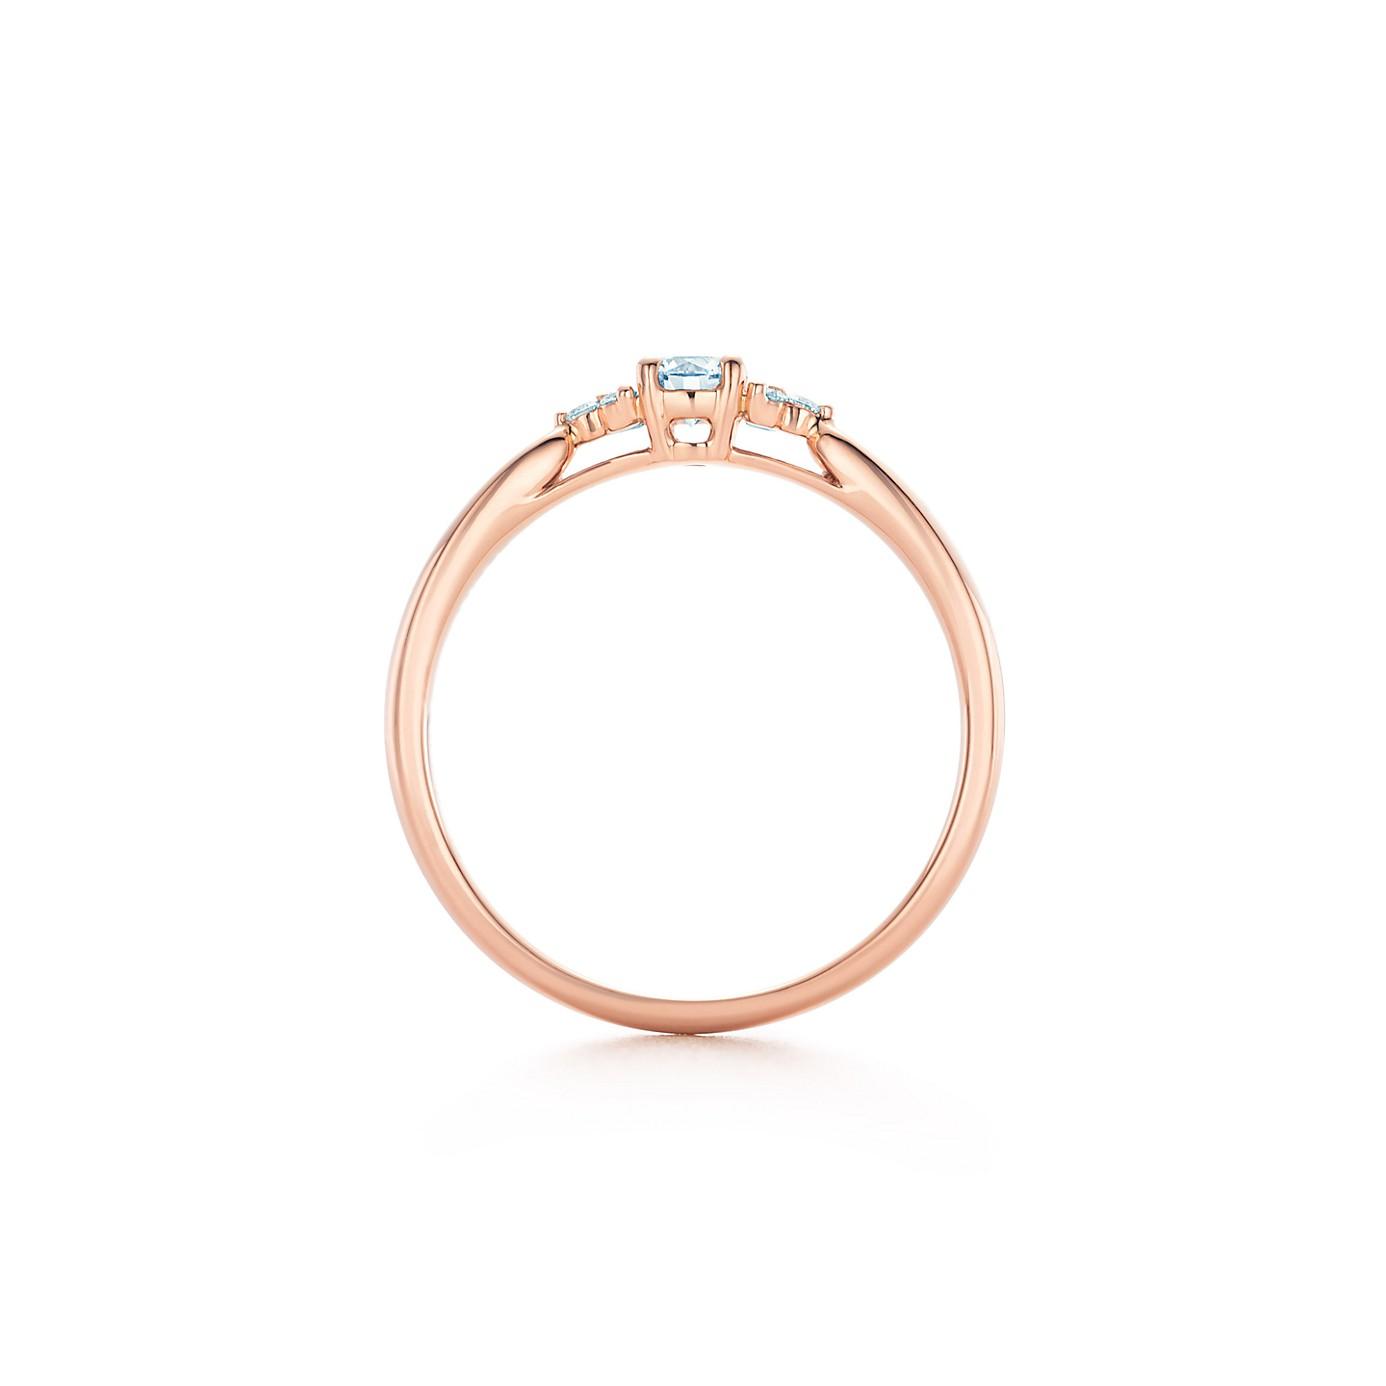 ティファニー ハーモニー クラスター エンゲージメント リング(2)―Tiffany & Co.(ティファニー)